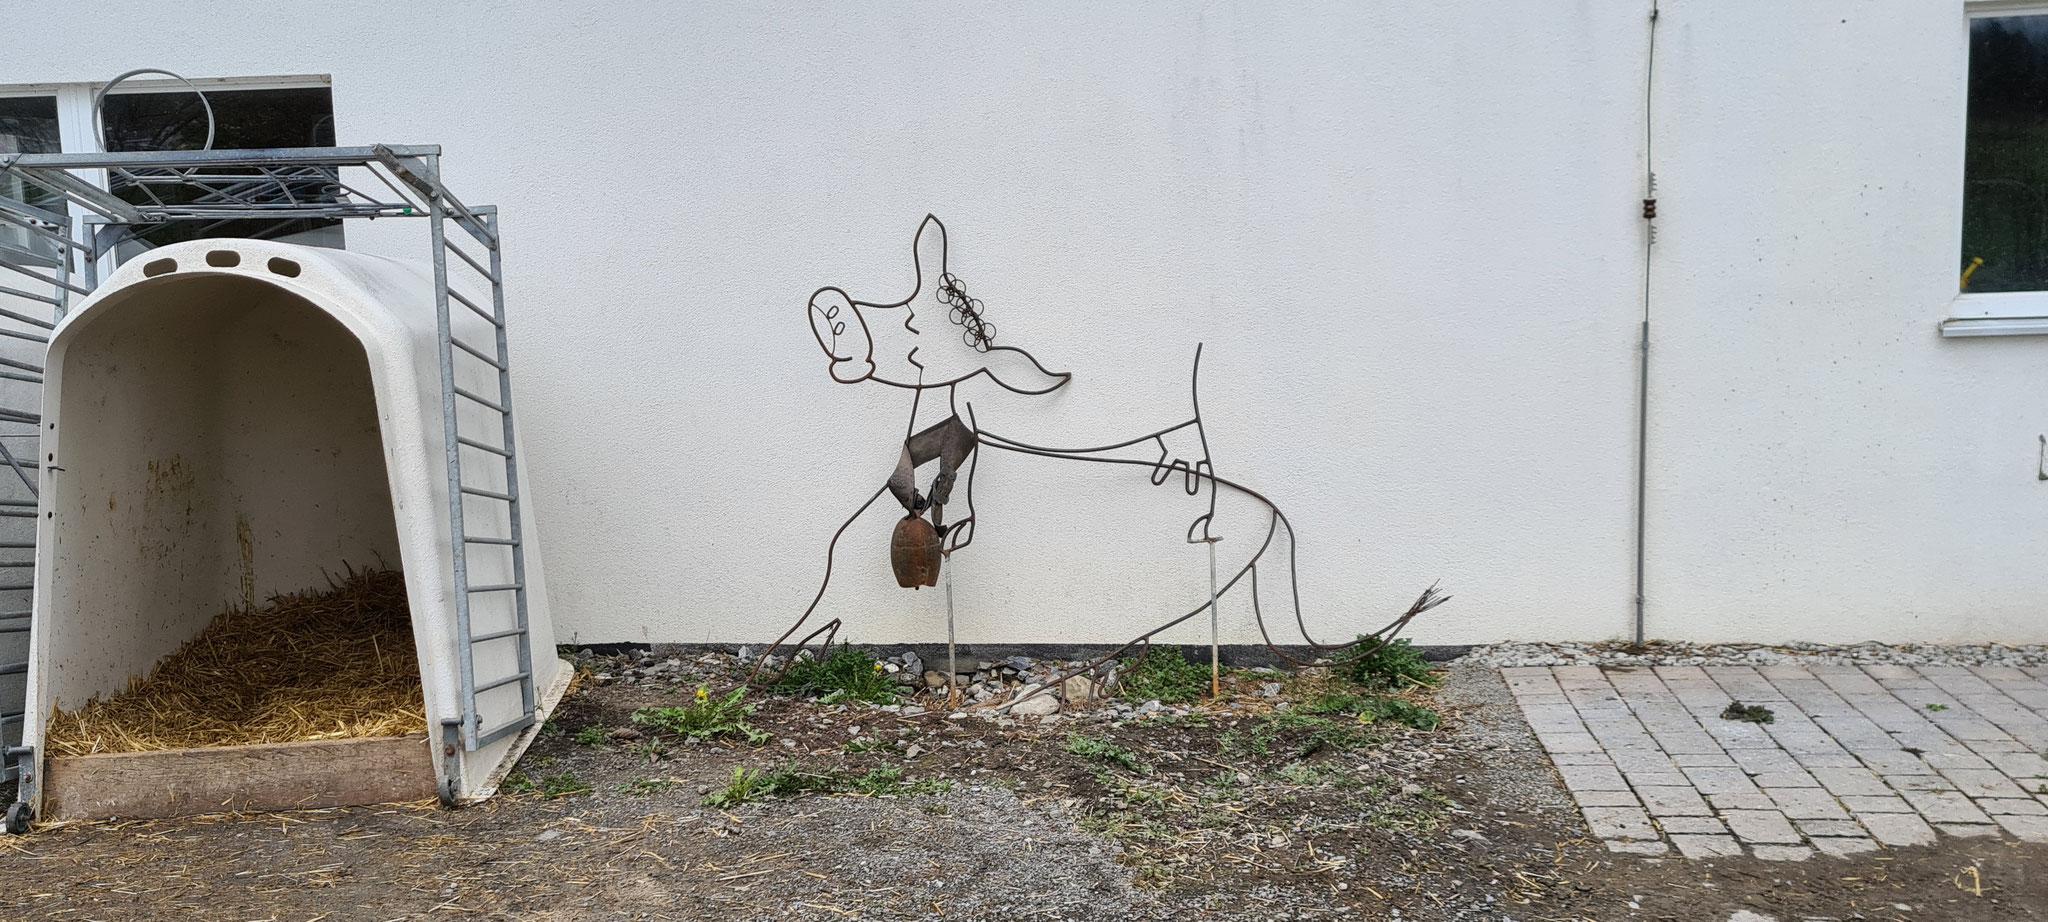 Das ist doch einfache wahre Kunst, direkt ums Eck...